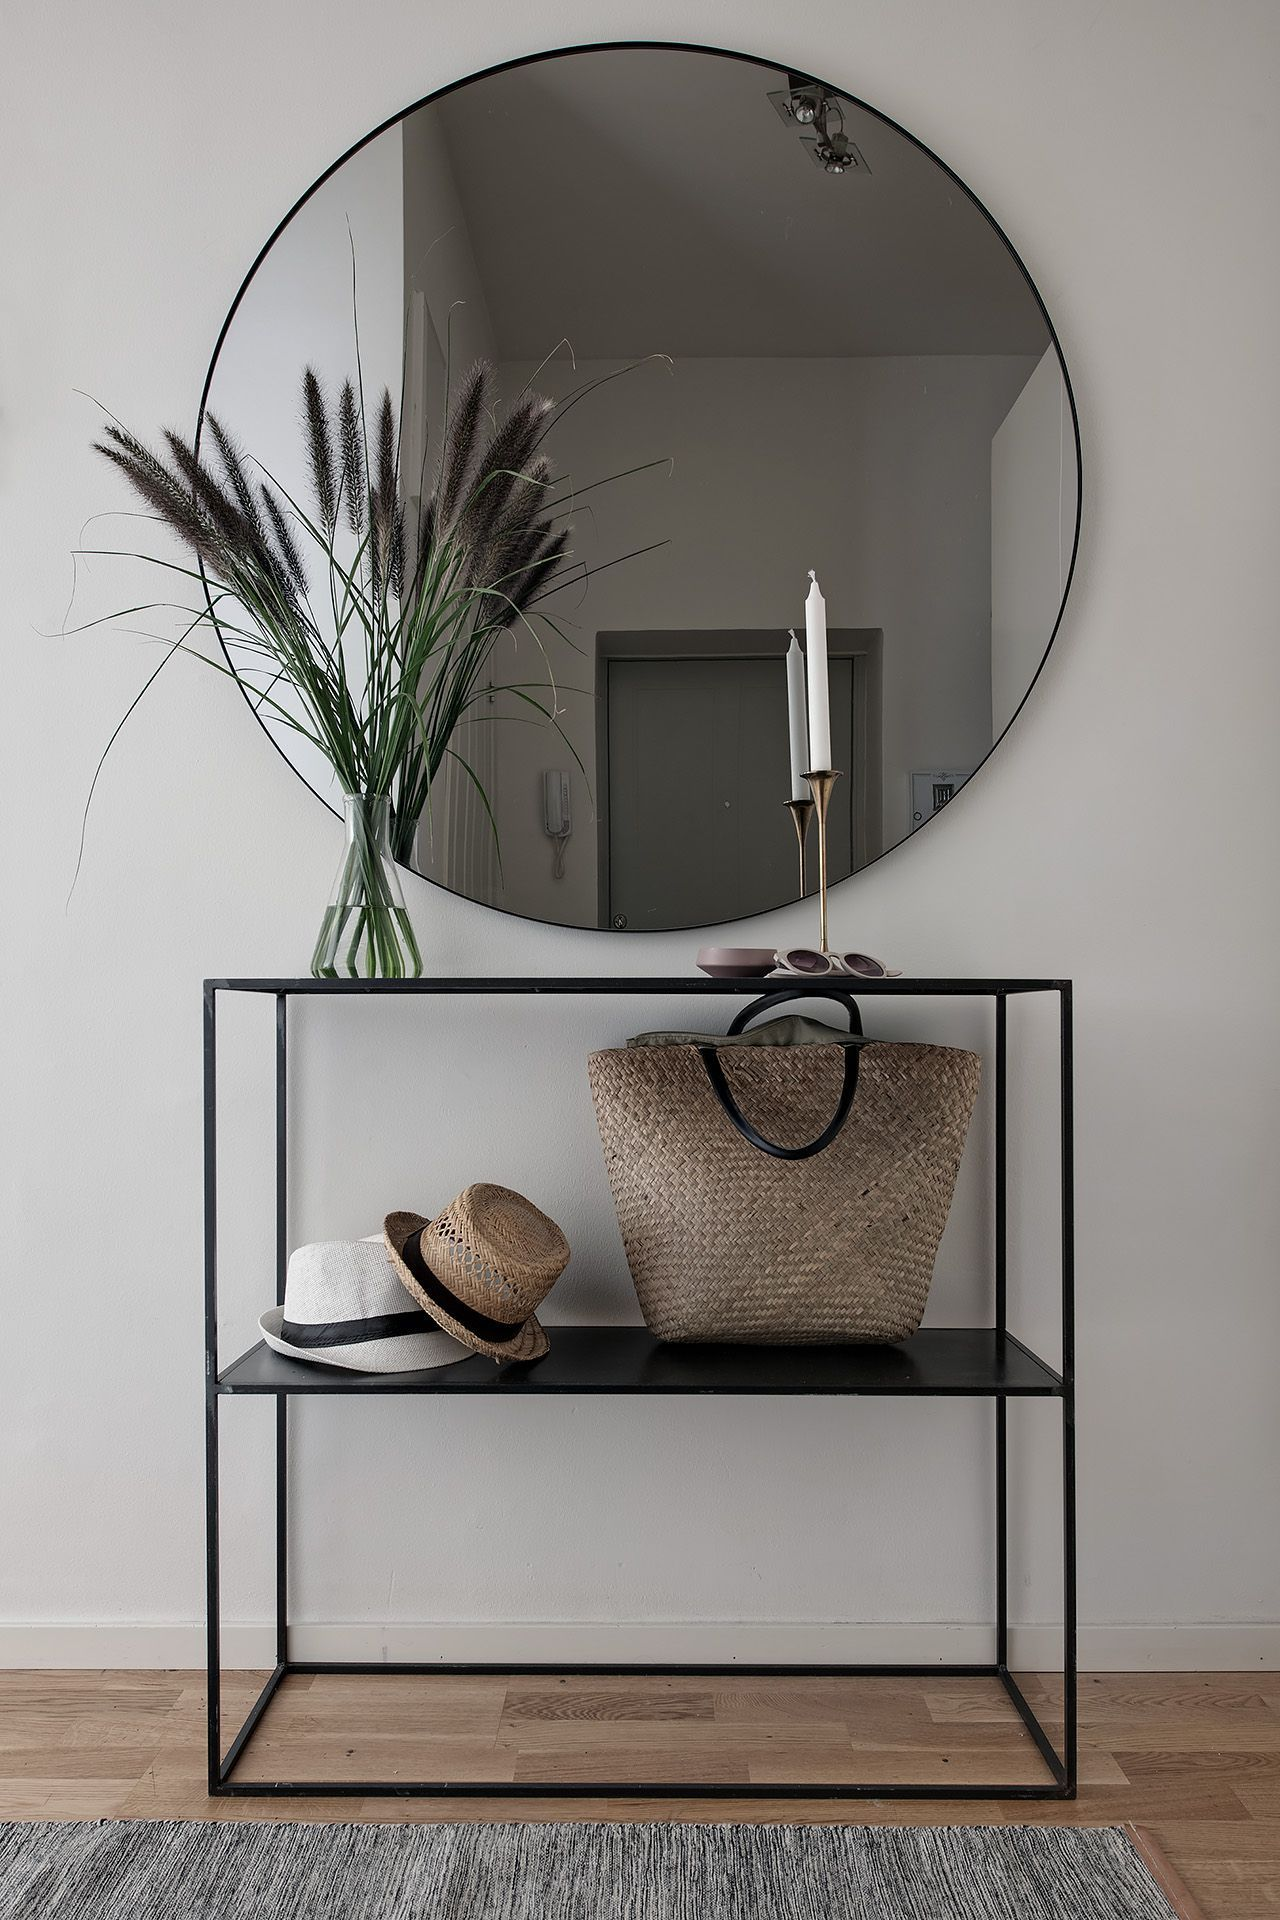 Ausgeben von Küstenwohnzimmermöbeln #furnituremurah #LivingRoomFurnitureSets - New Ideas #coastallivingrooms